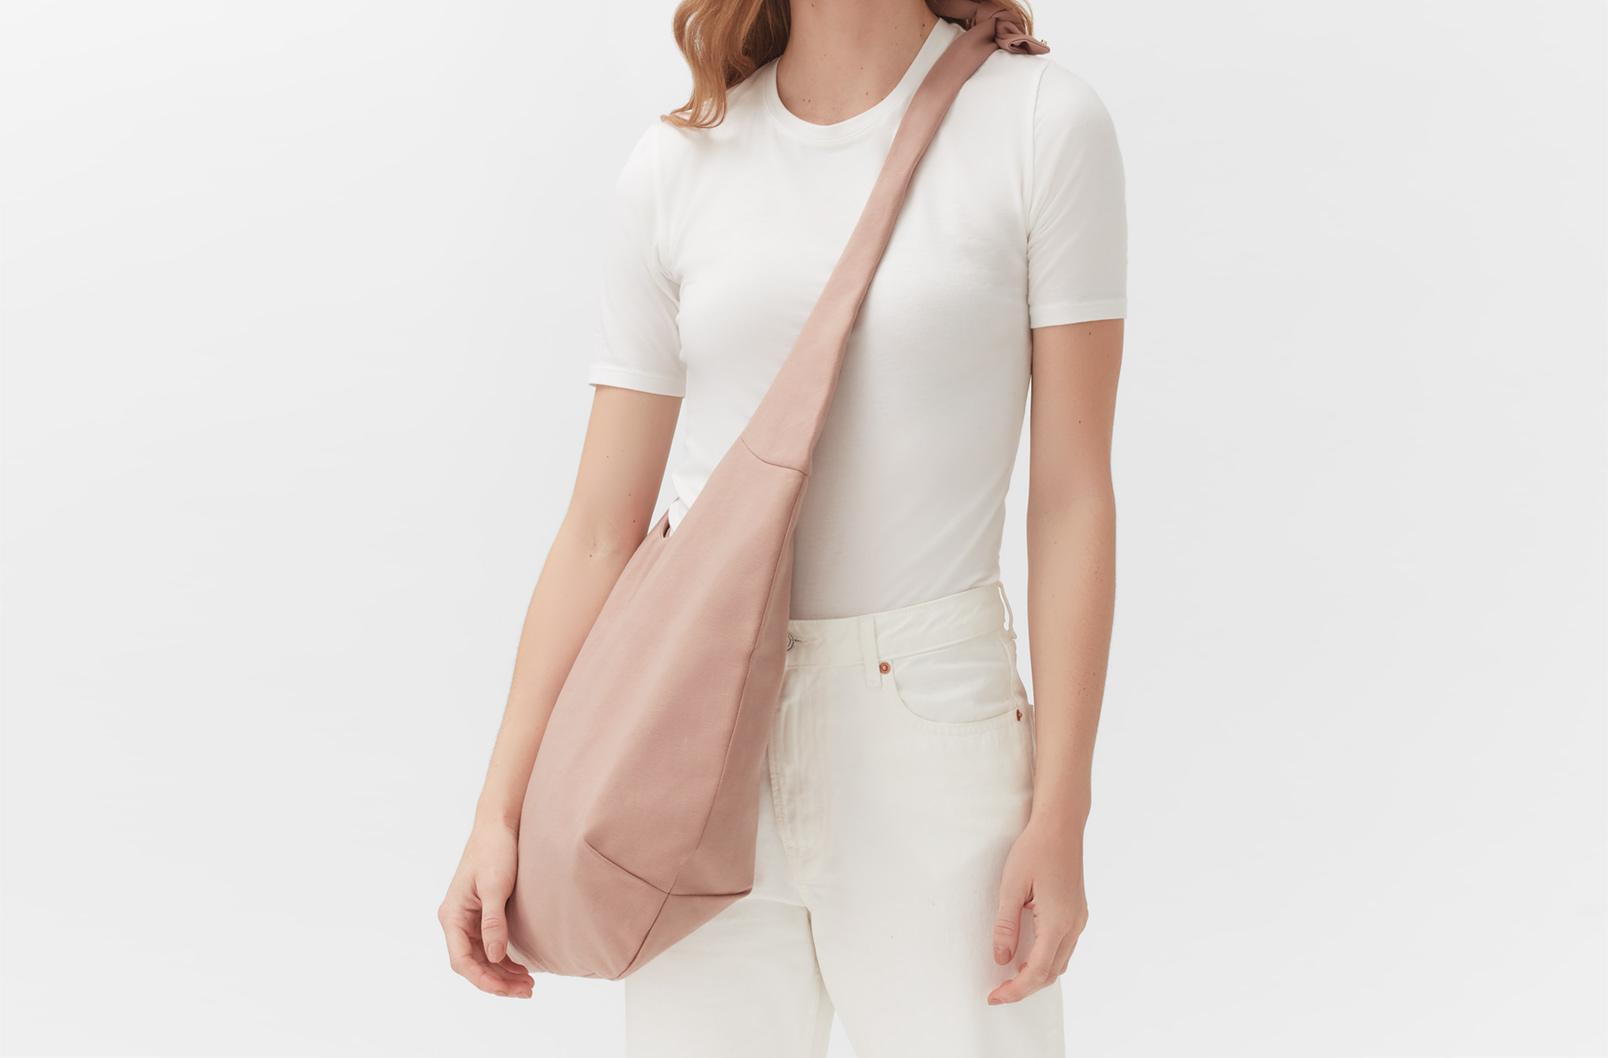 Zero Waste Errand Bag